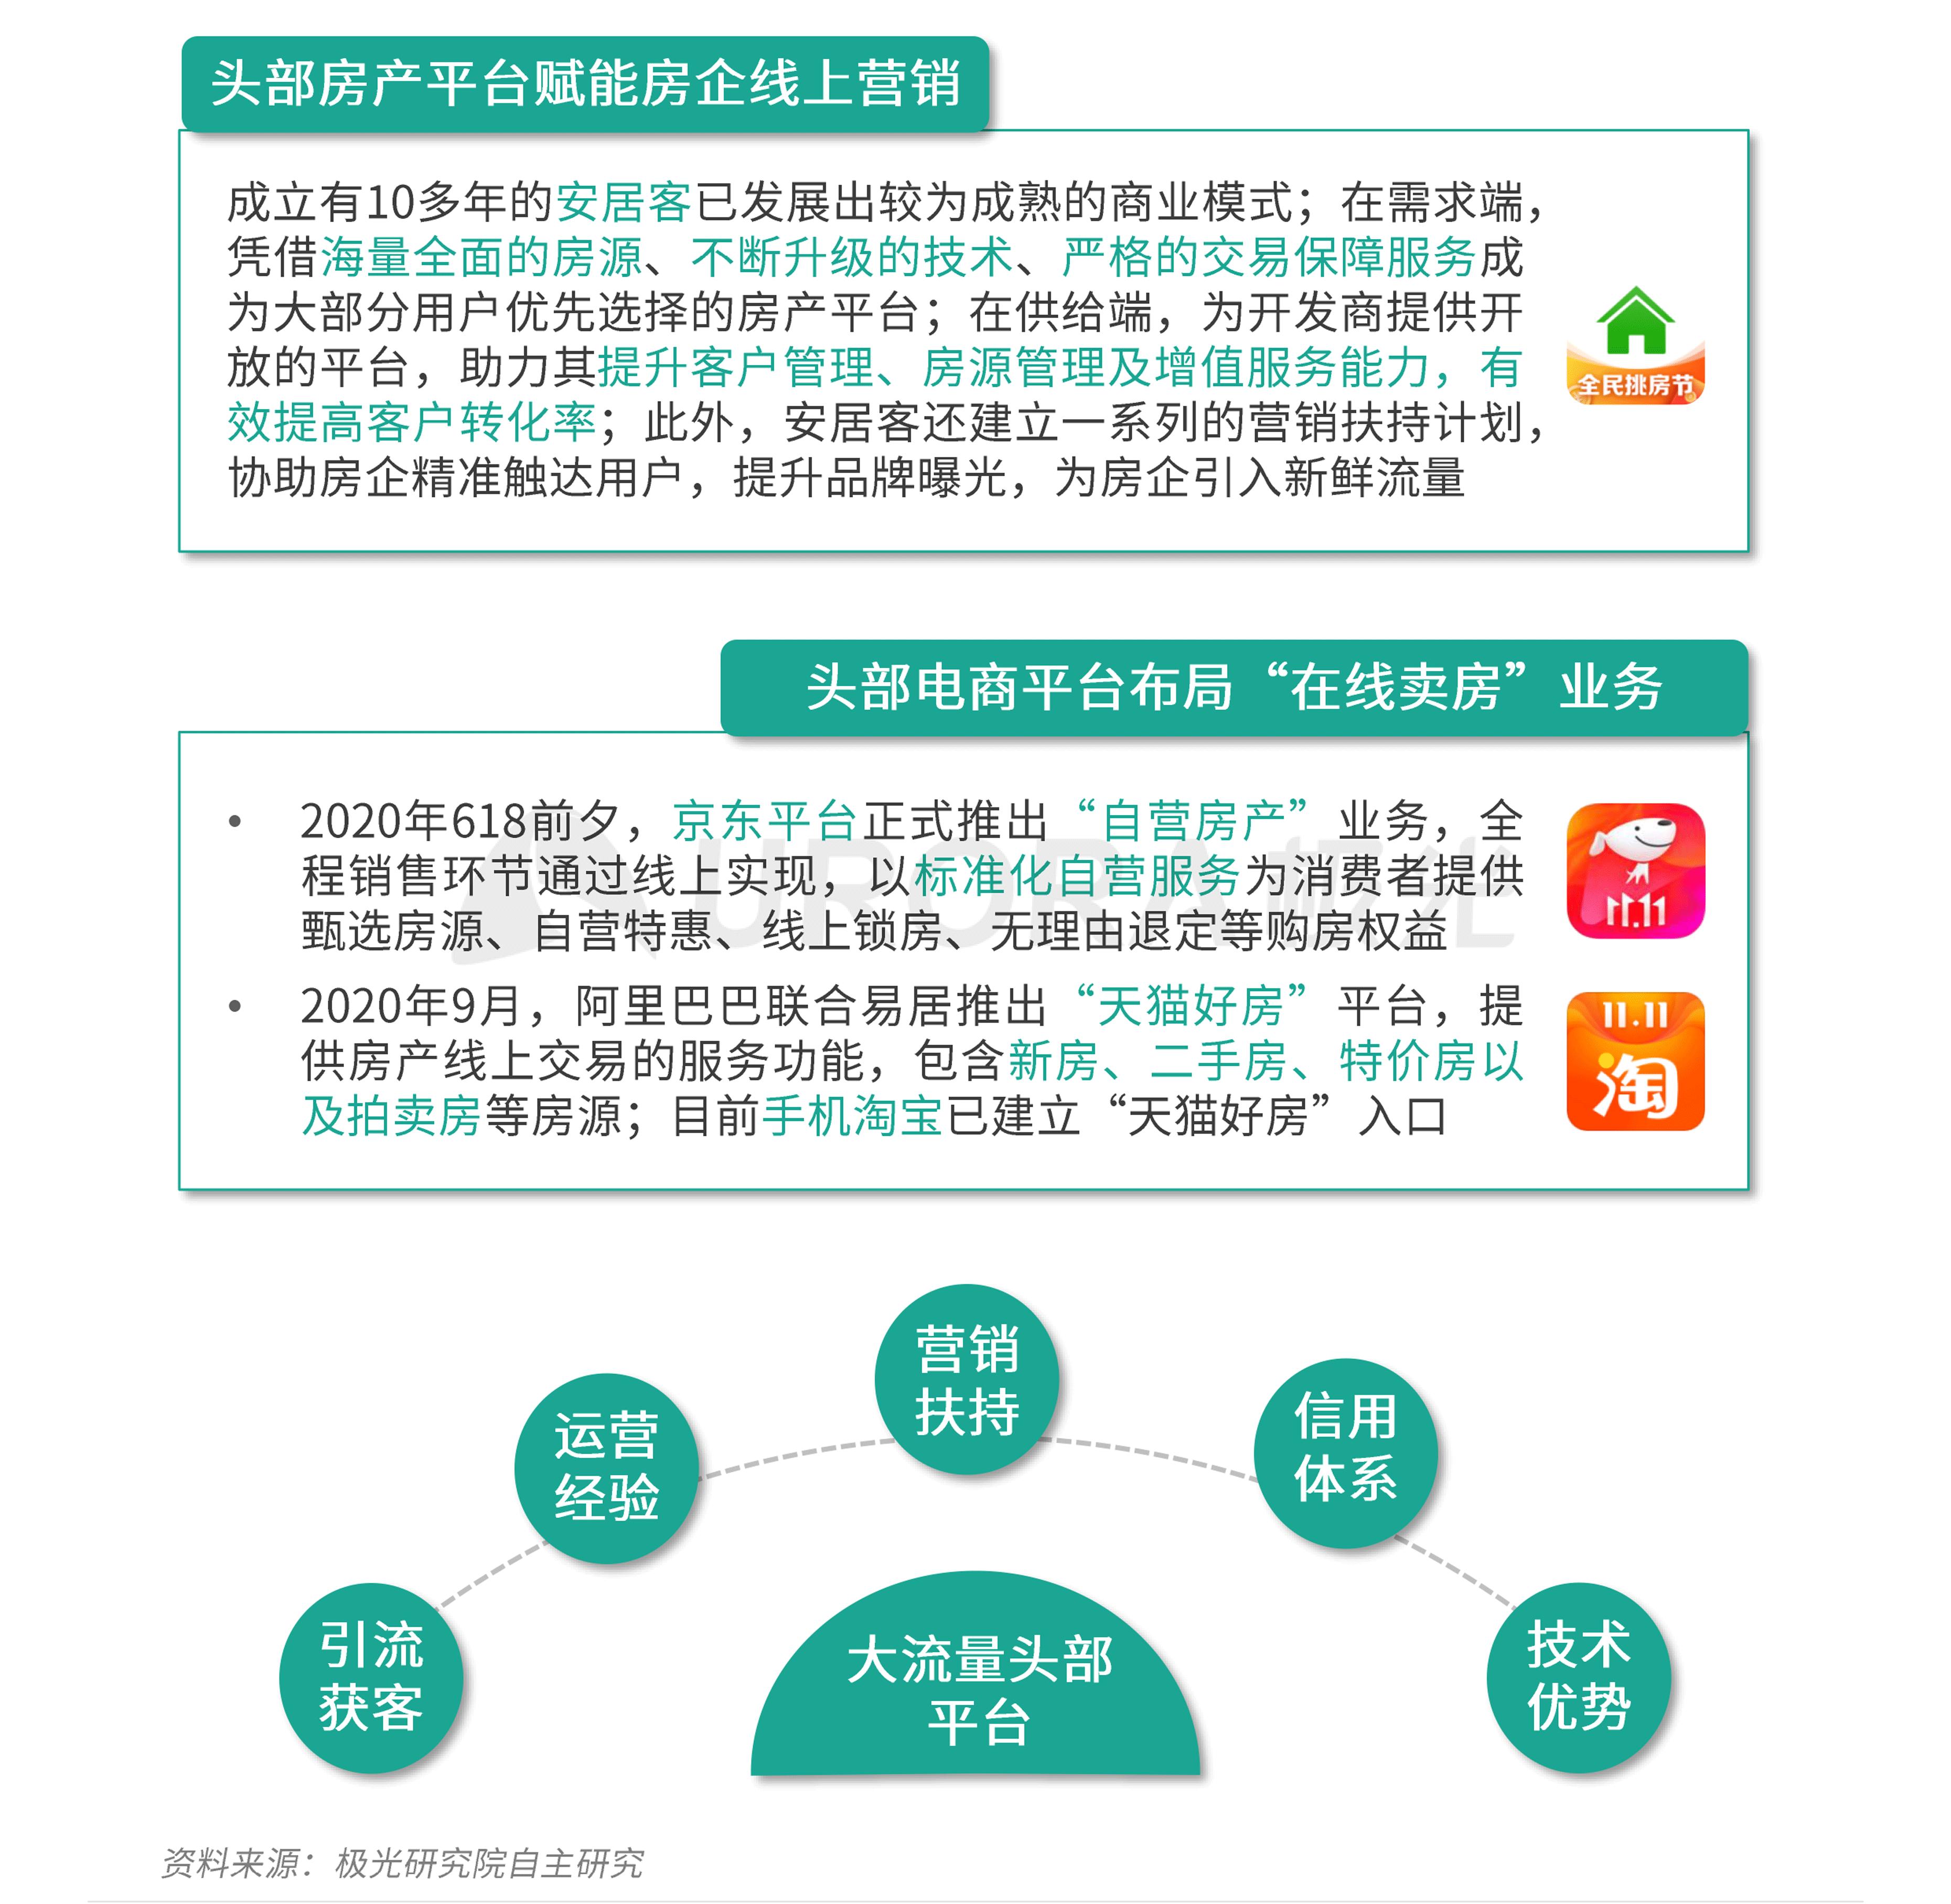 极光:数字经济新时代,房产平台新机遇 (15).png